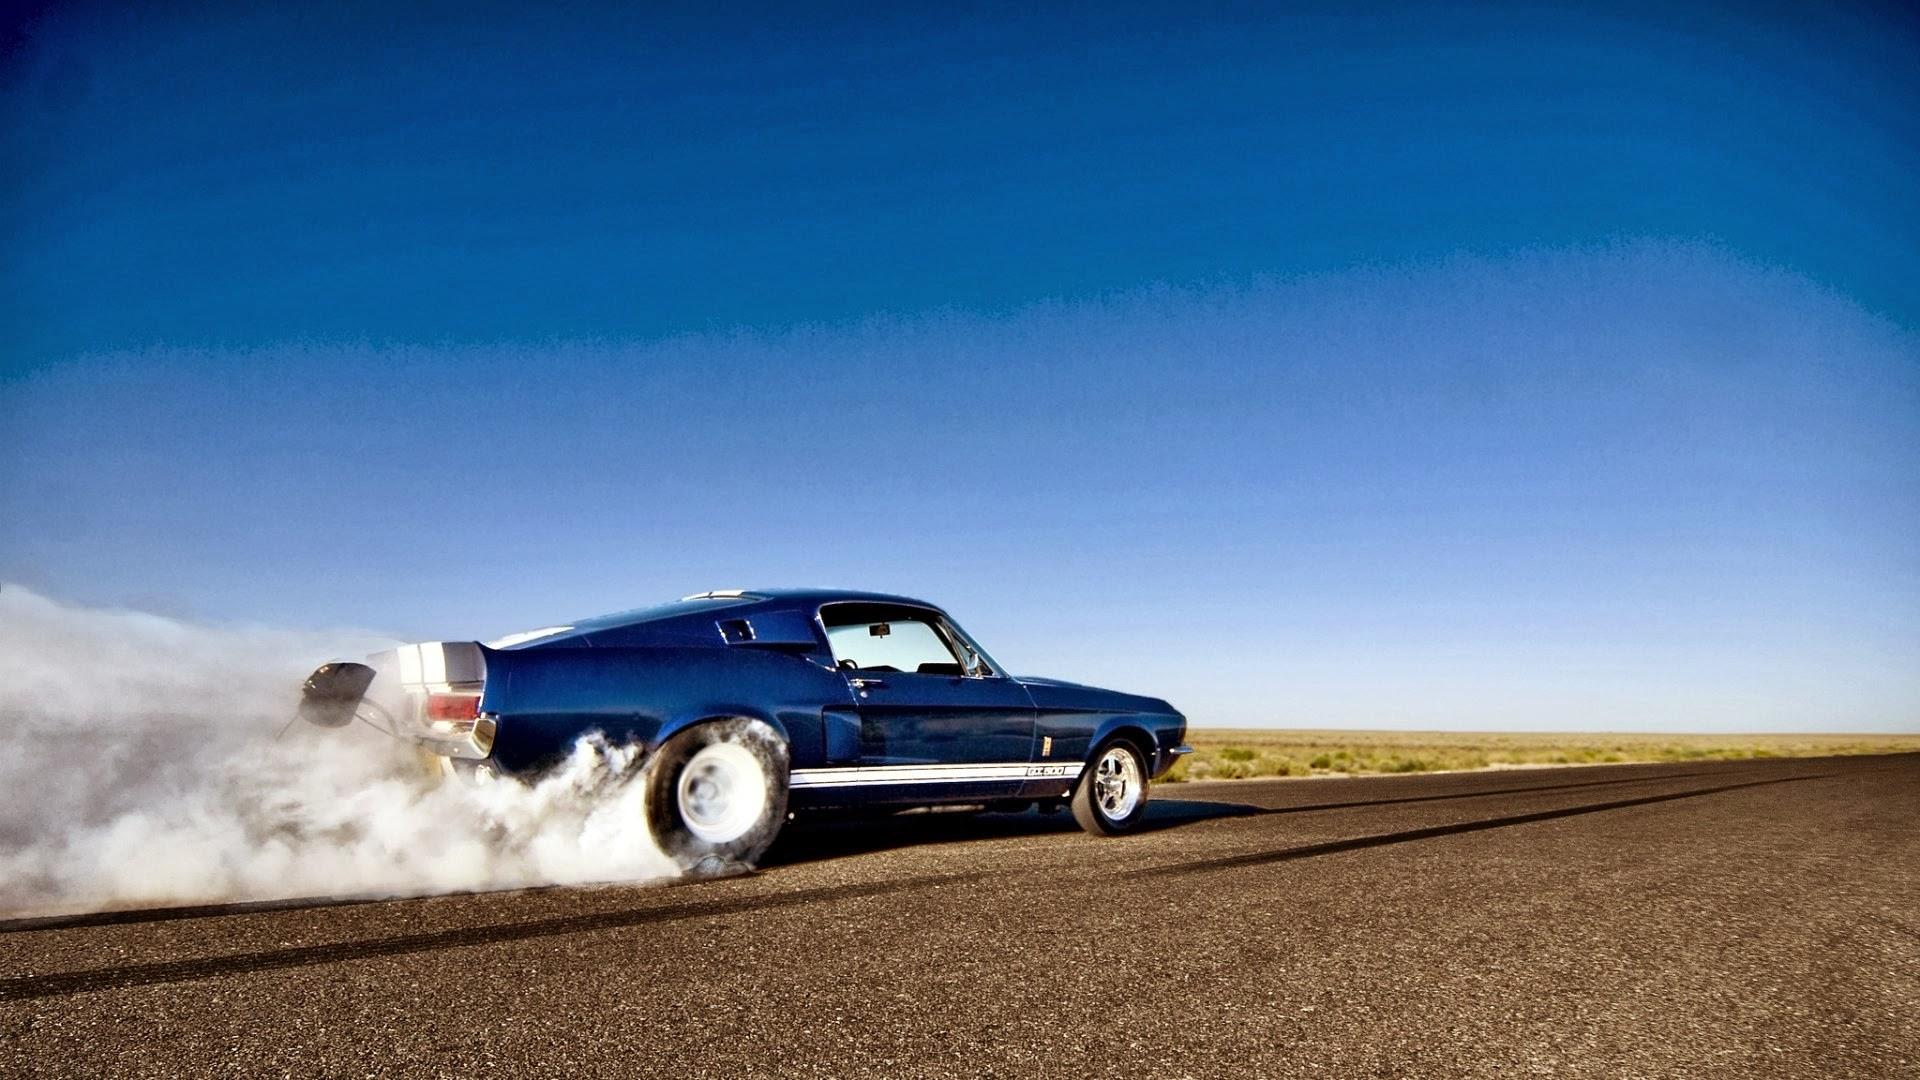 Race car on fire gif 15